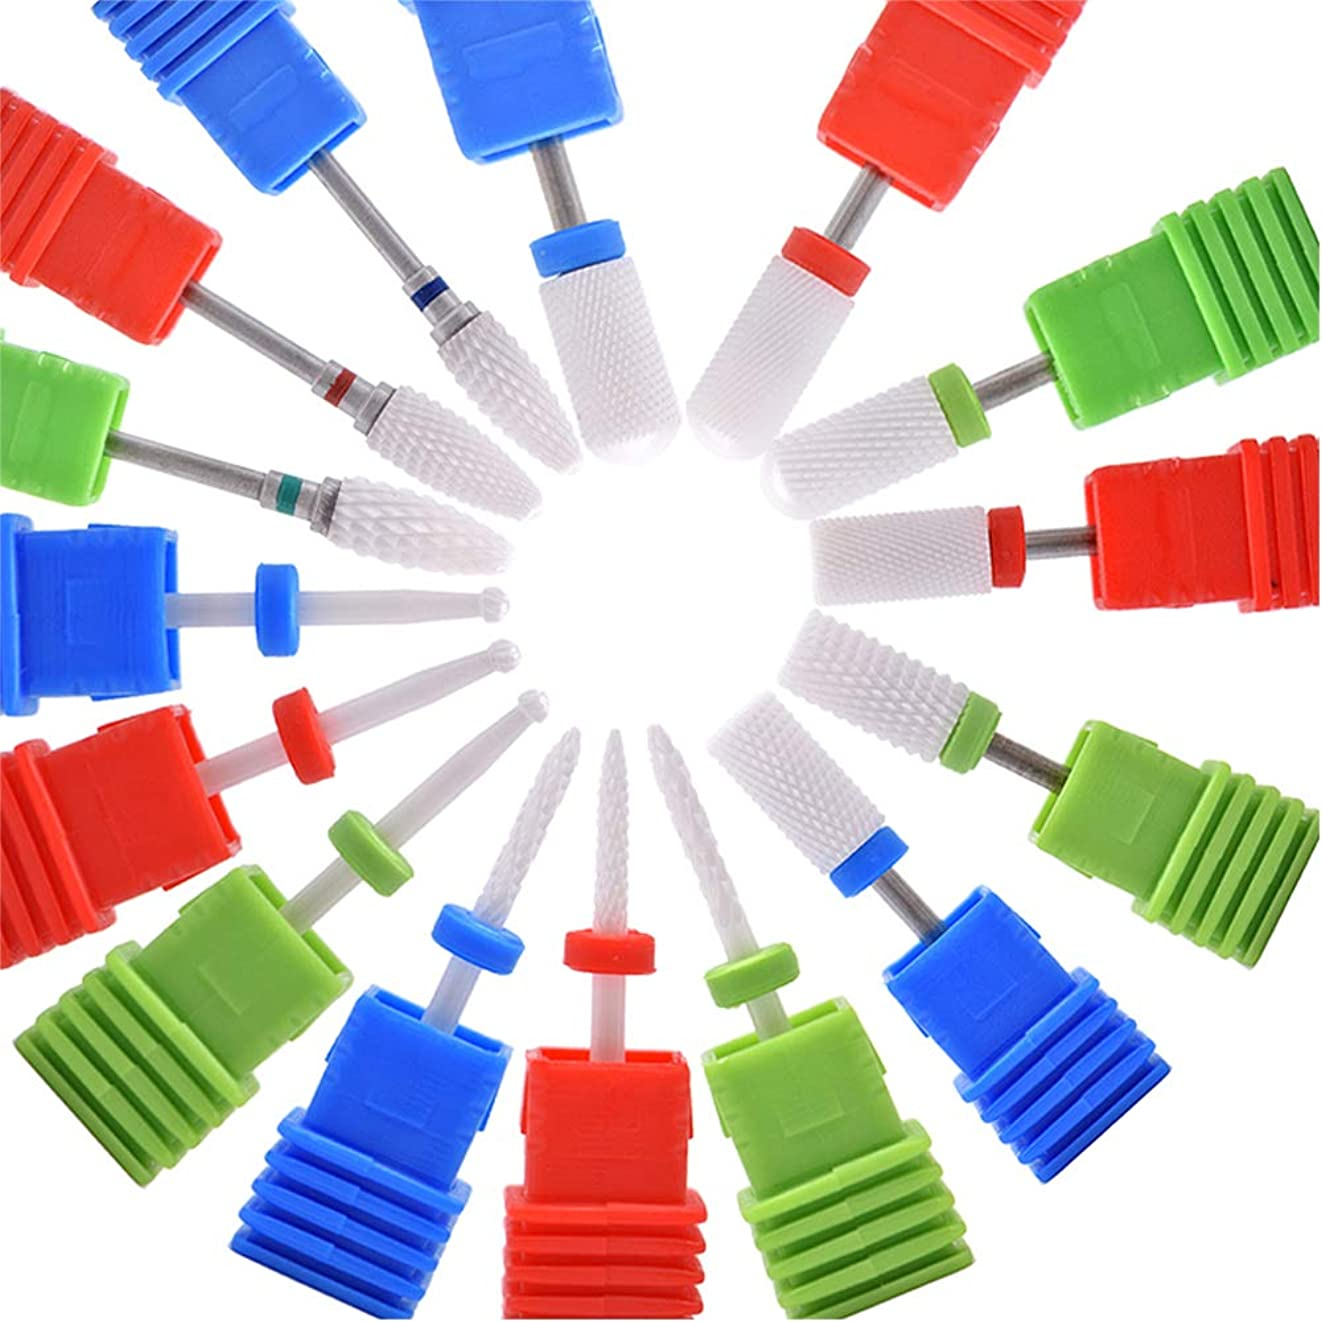 キャッシュブリーフケースうなずくOral Dentistry ネイルアート ドリルビット 研削ヘッド 研磨ヘッド ネイル グラインド ヘッド 爪 磨き 研磨 研削 セラミック 全3色 15種類